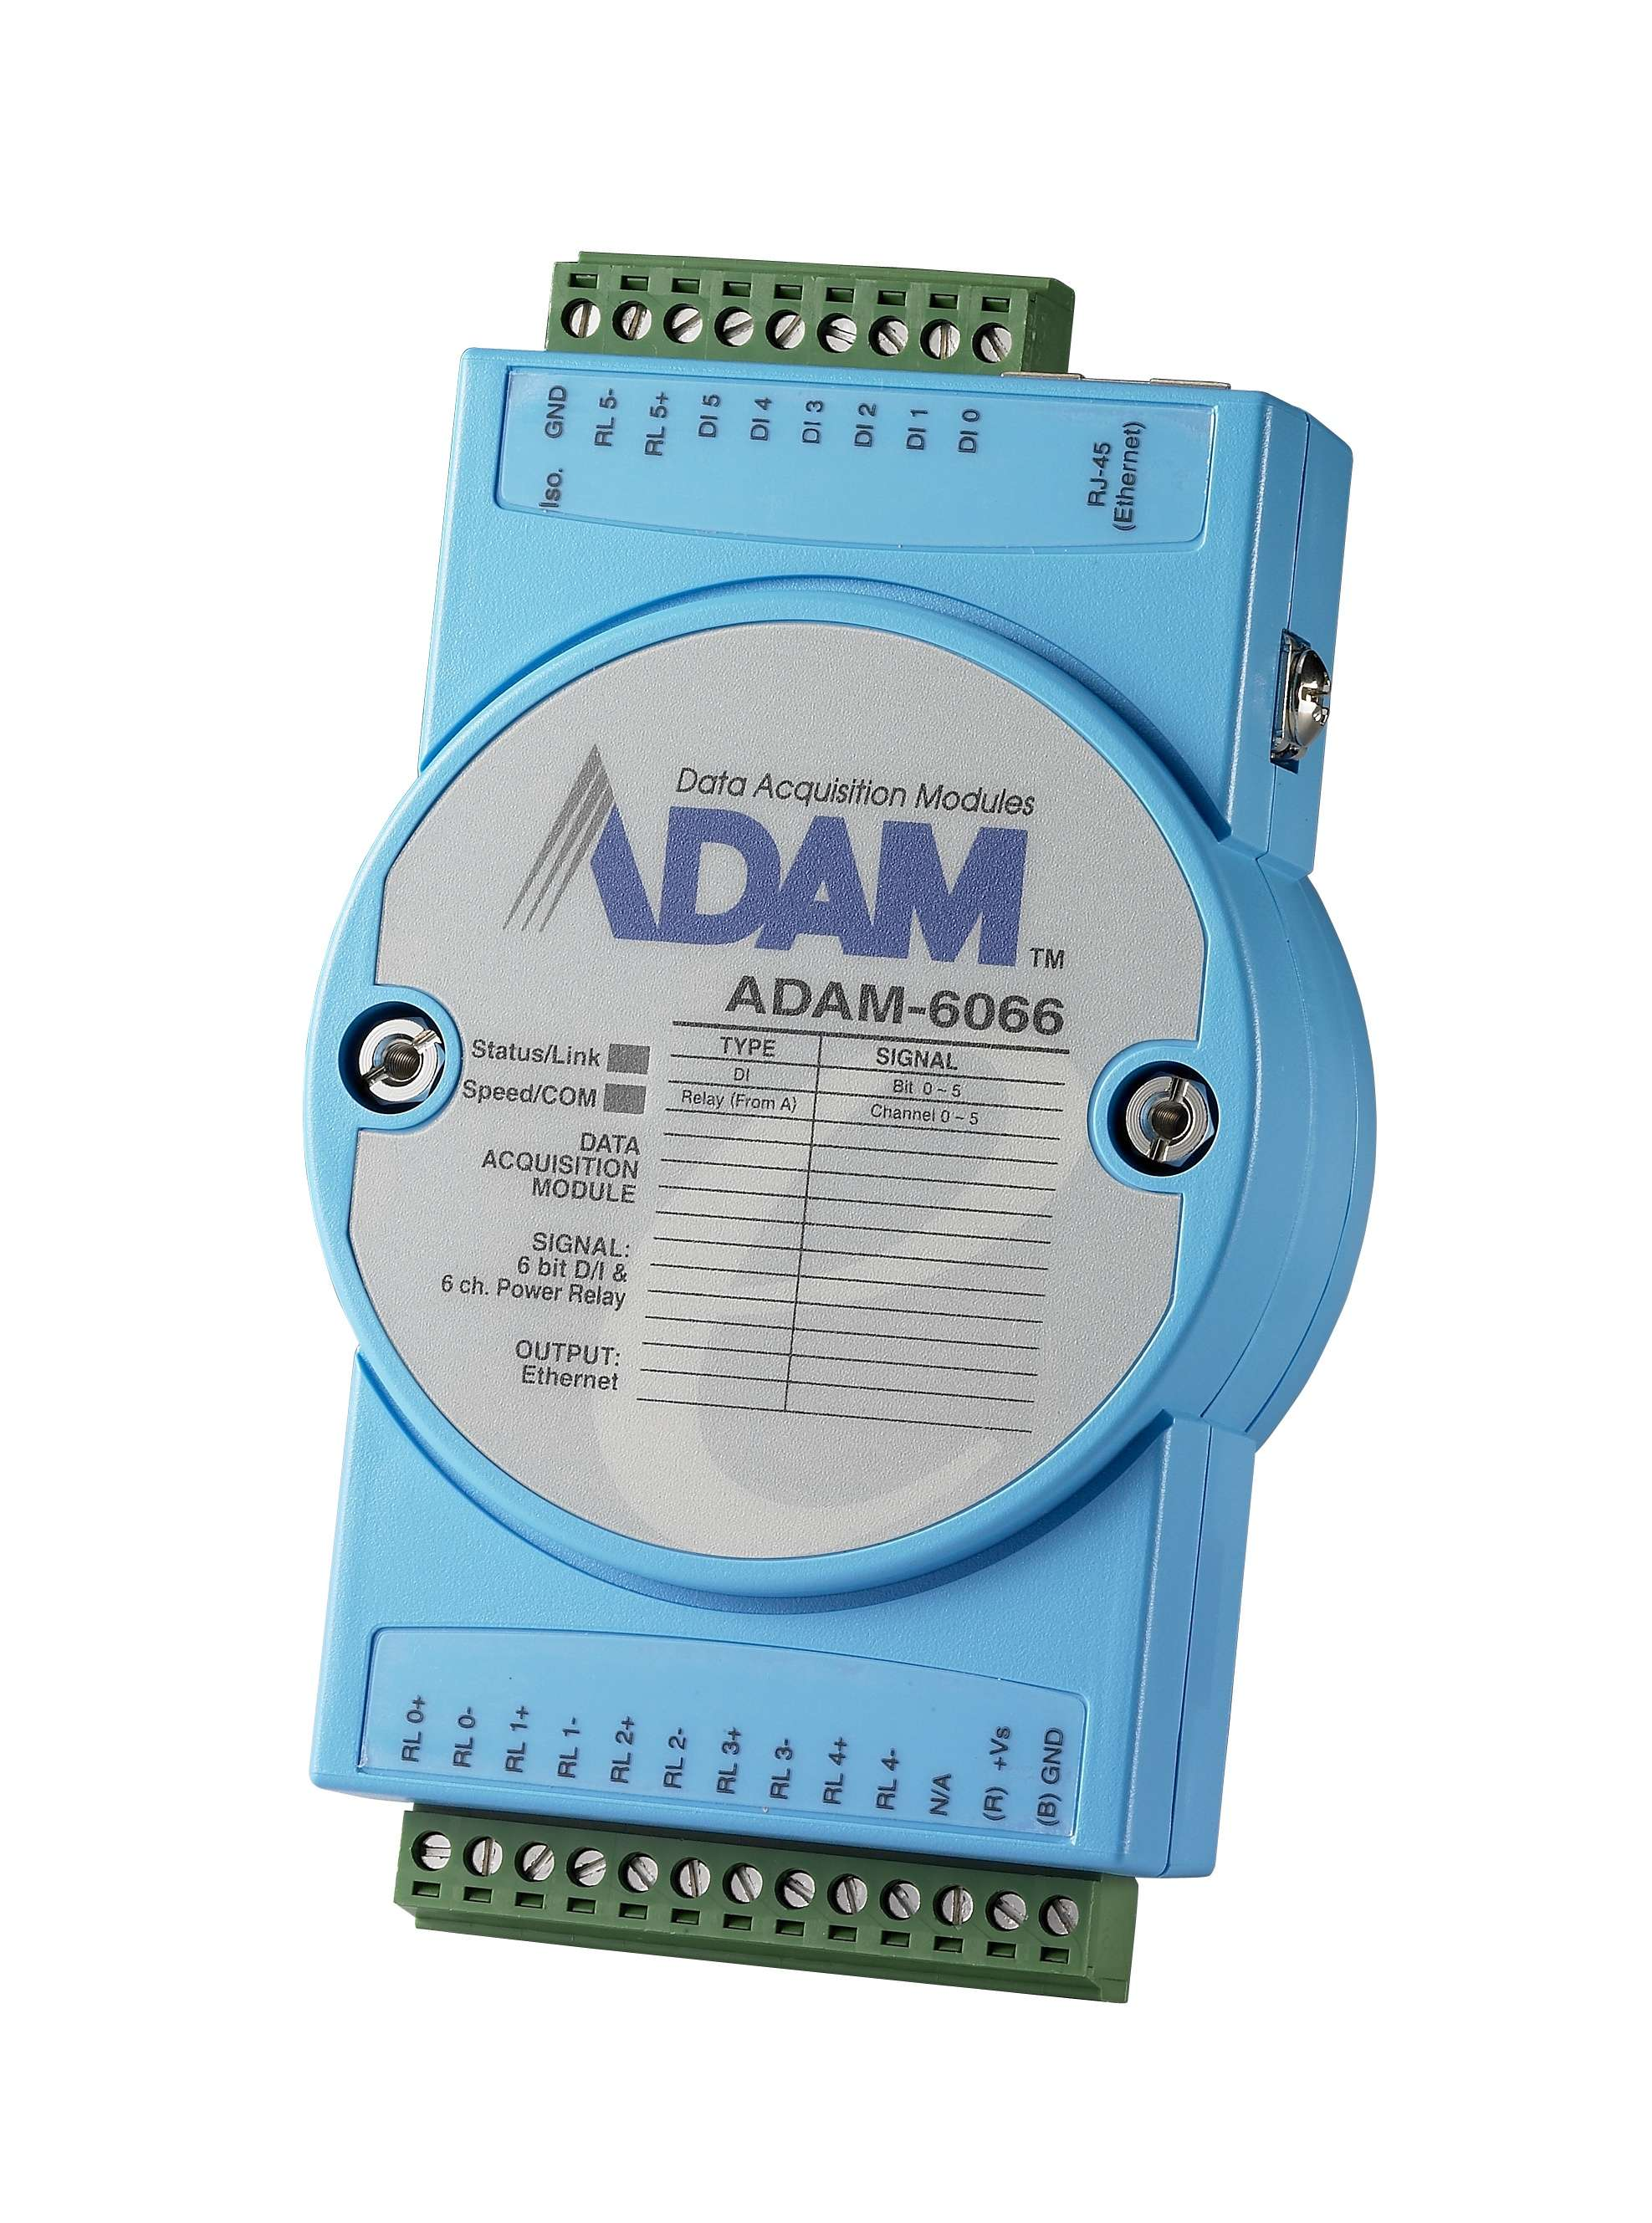 ADAM-6000 relay modules